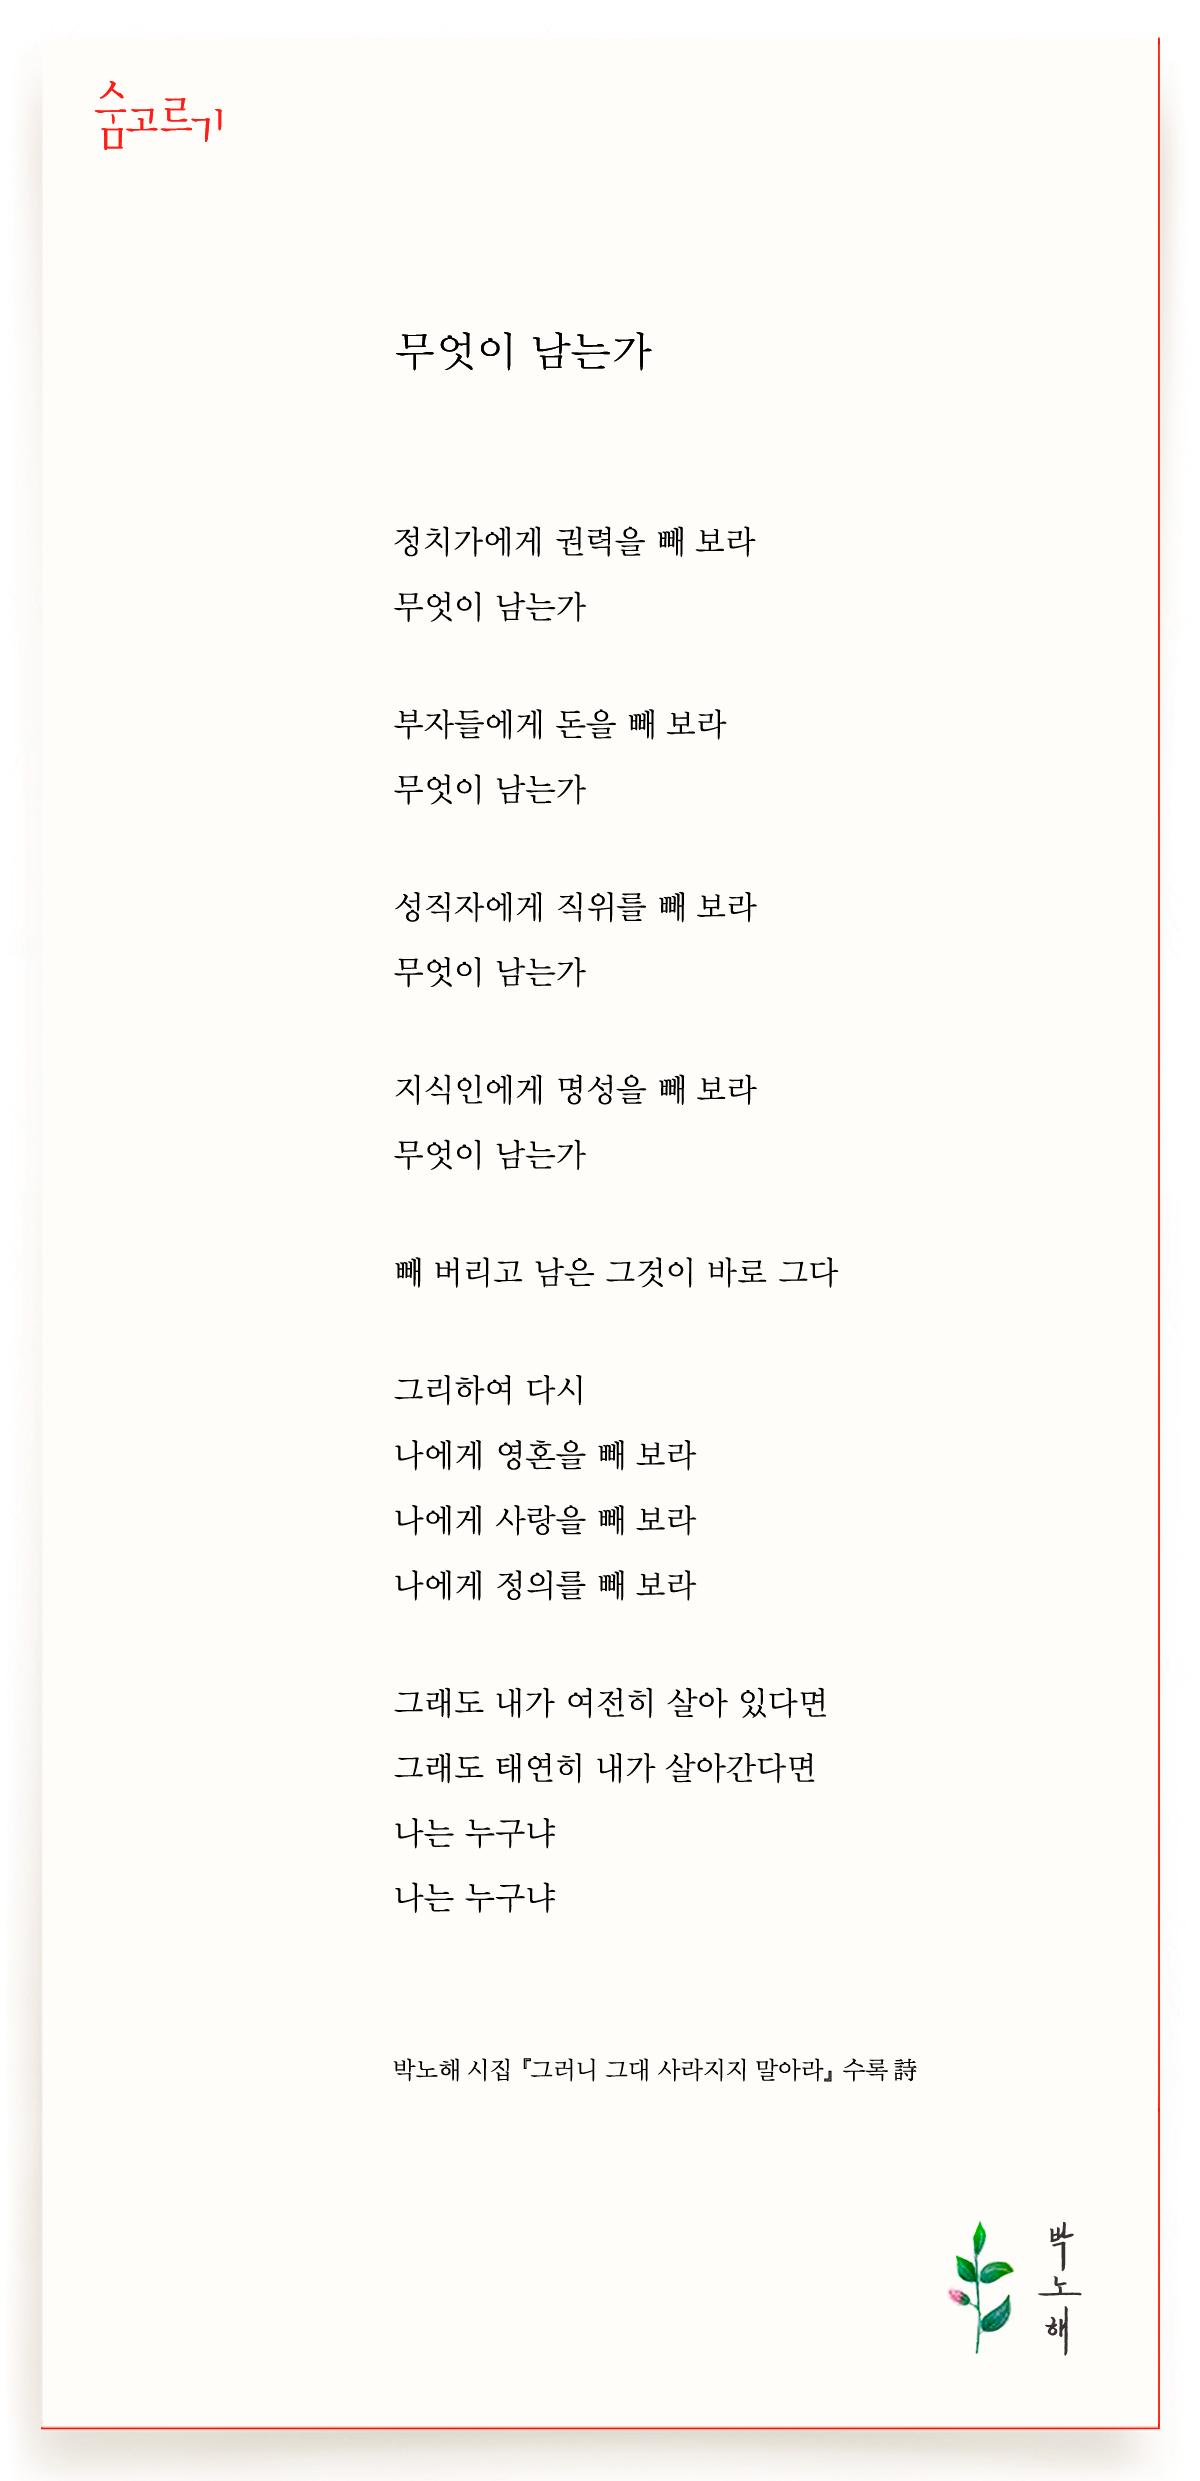 박노해의 숨고르기 무엇이 남는가